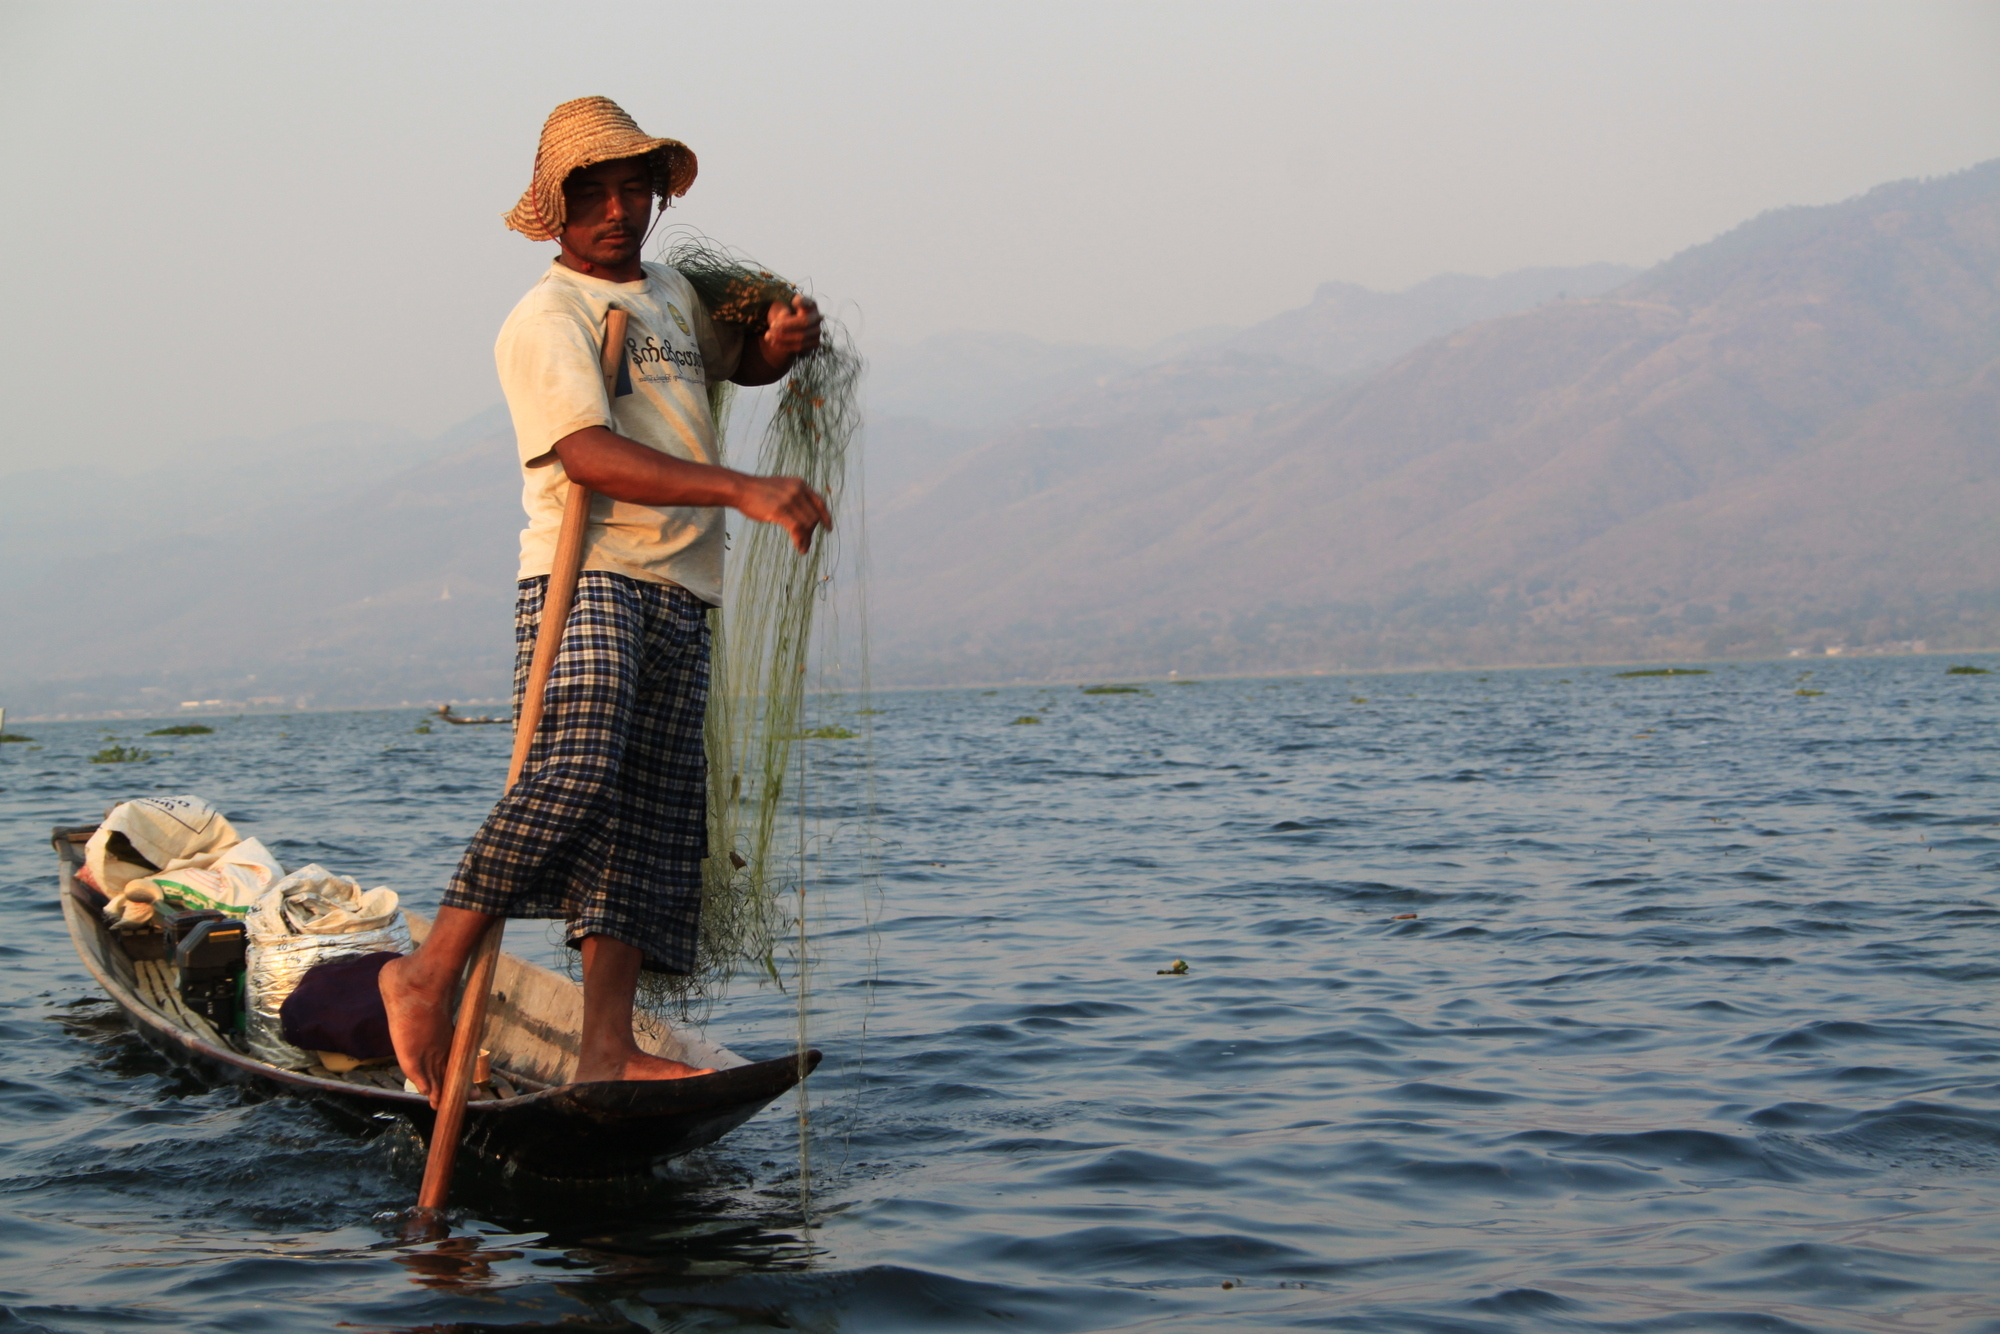 Kalastaja Inle-järvellä Burmassa. Kuva: Riikka Mahlamäki-Kaistinen